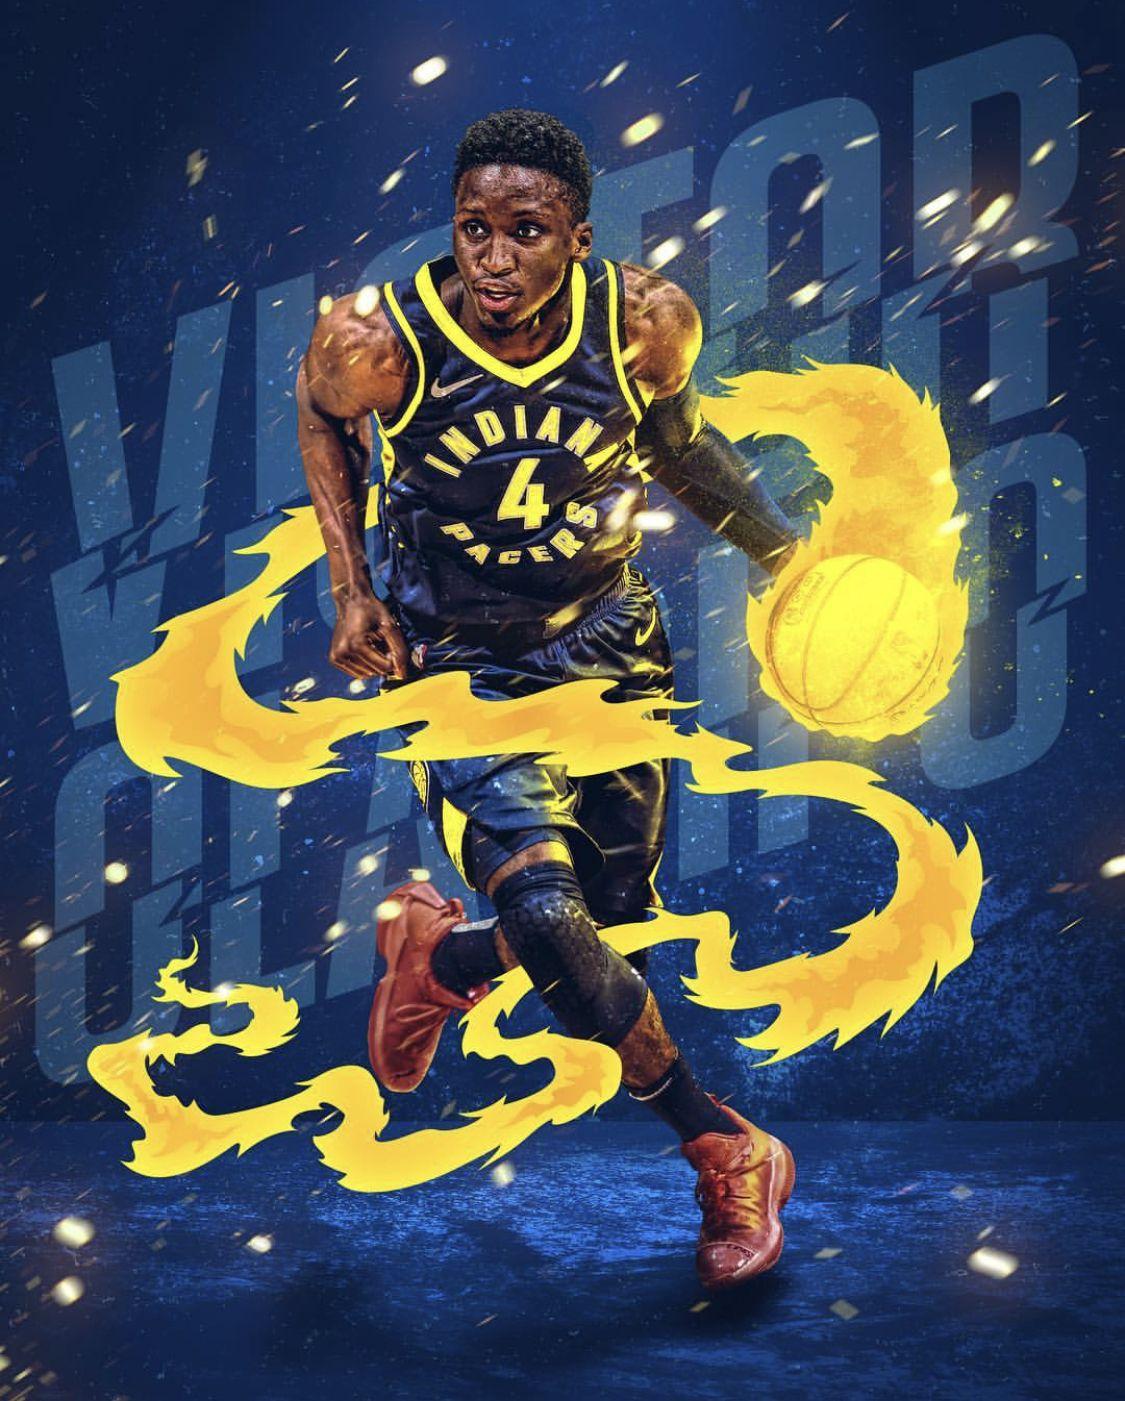 Pin By Qam Yasharahla On Victor Oladipo Nba Wallpapers Basketball Wallpaper Basketball Legends